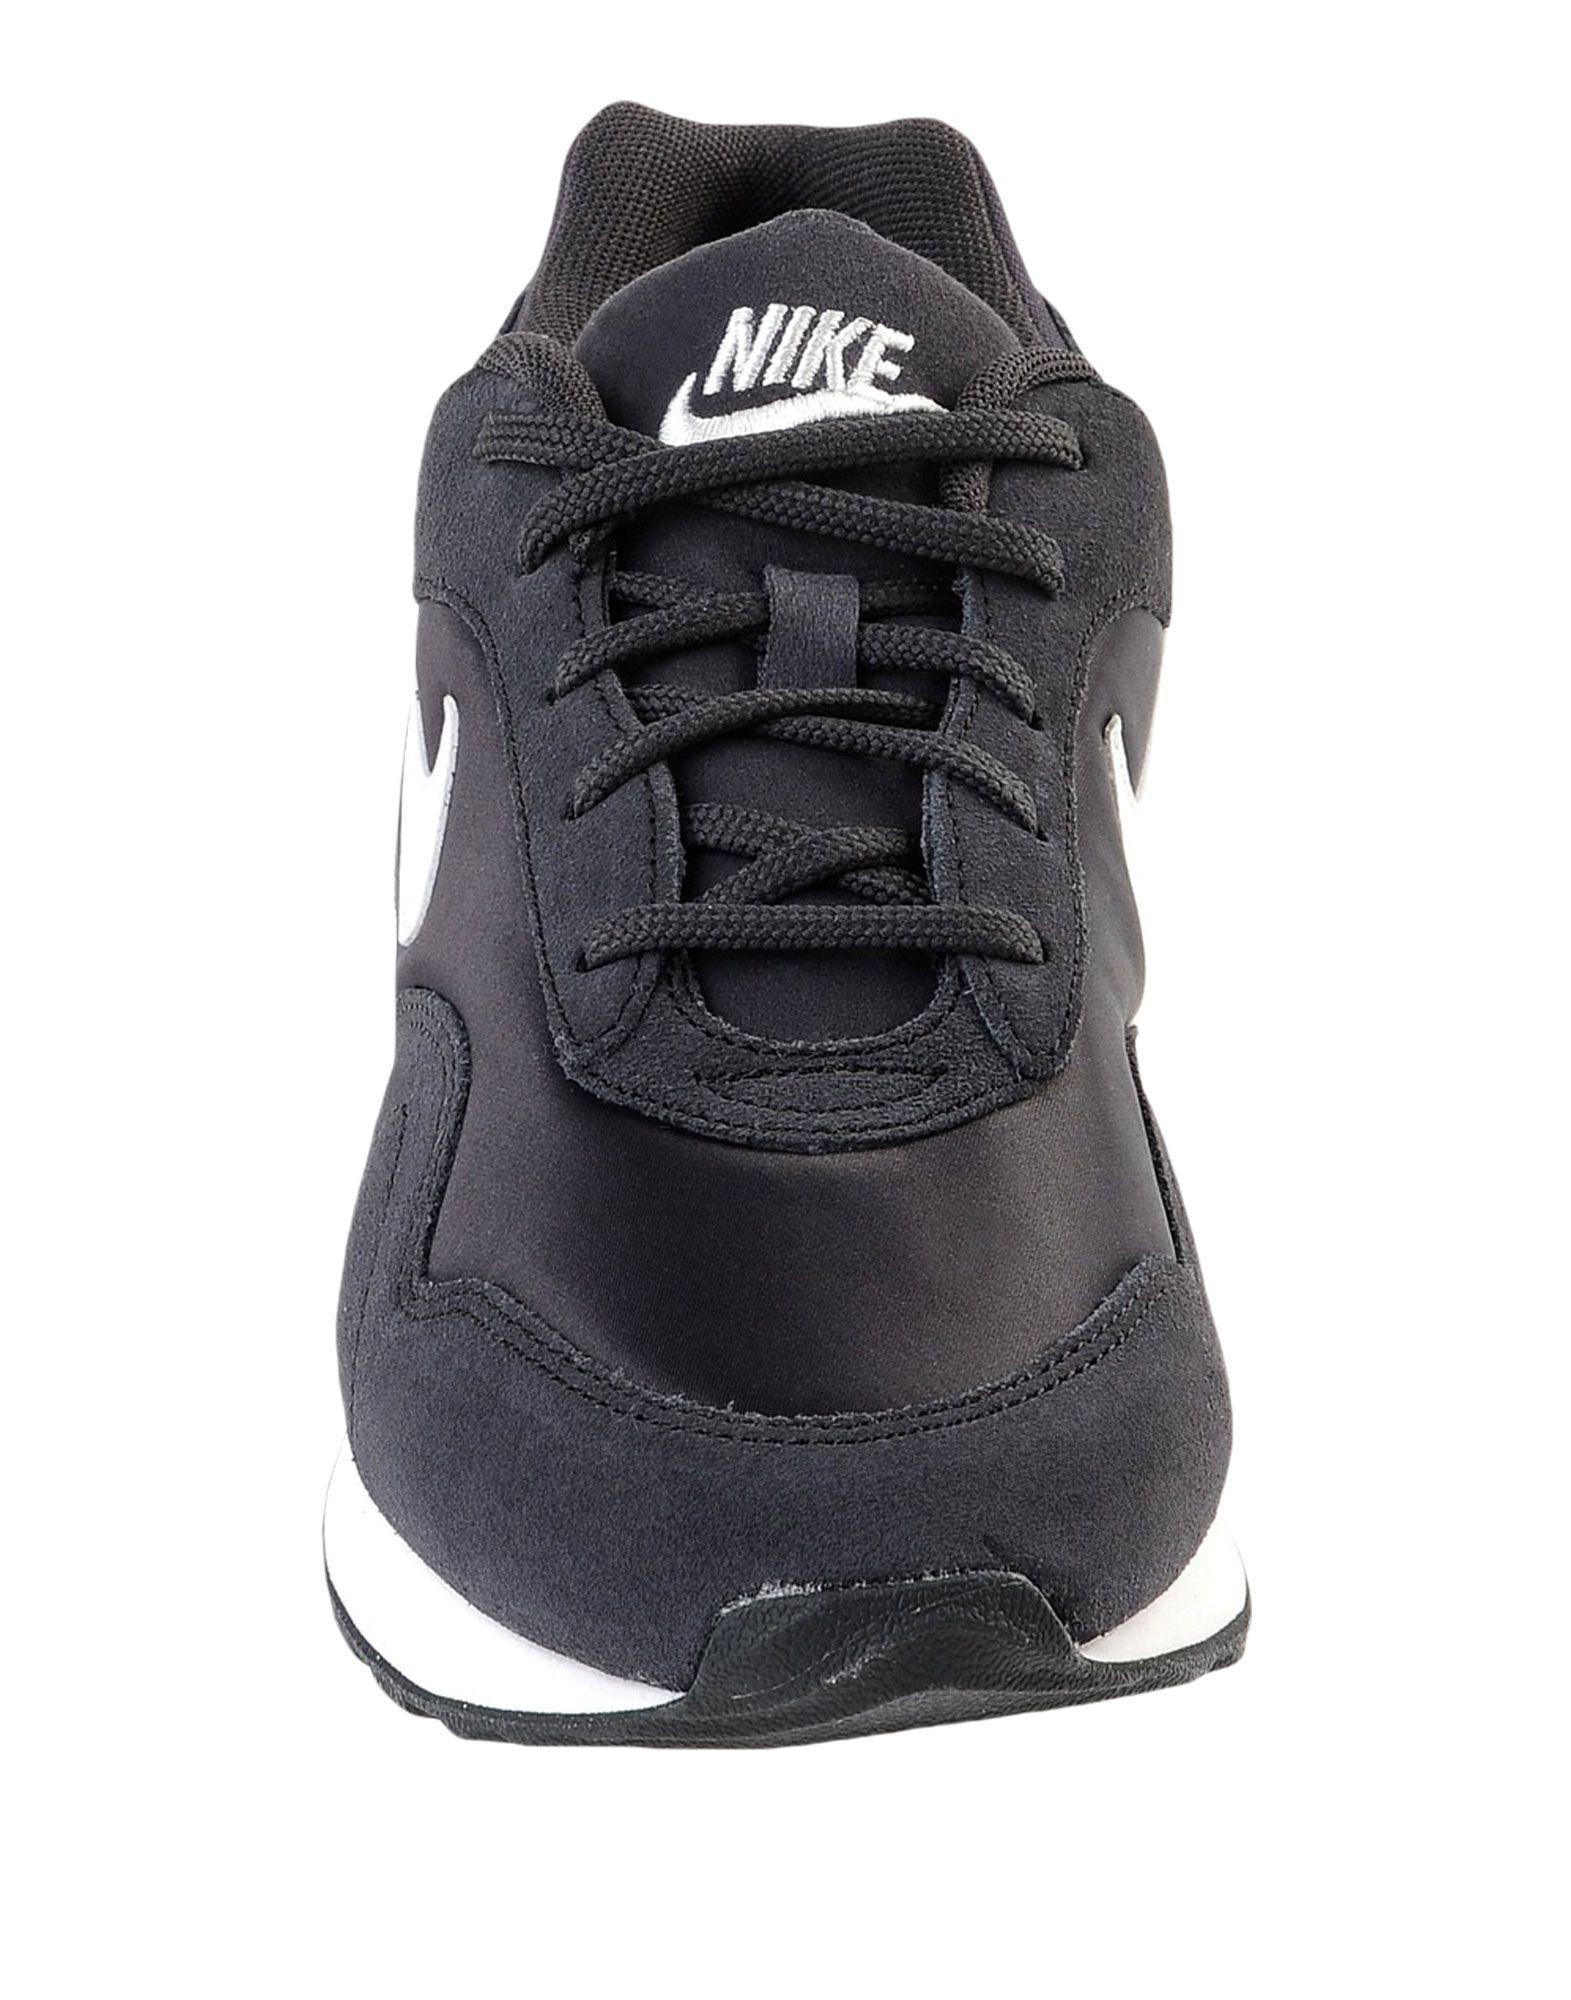 Nike Suede Low-tops & Sneakers